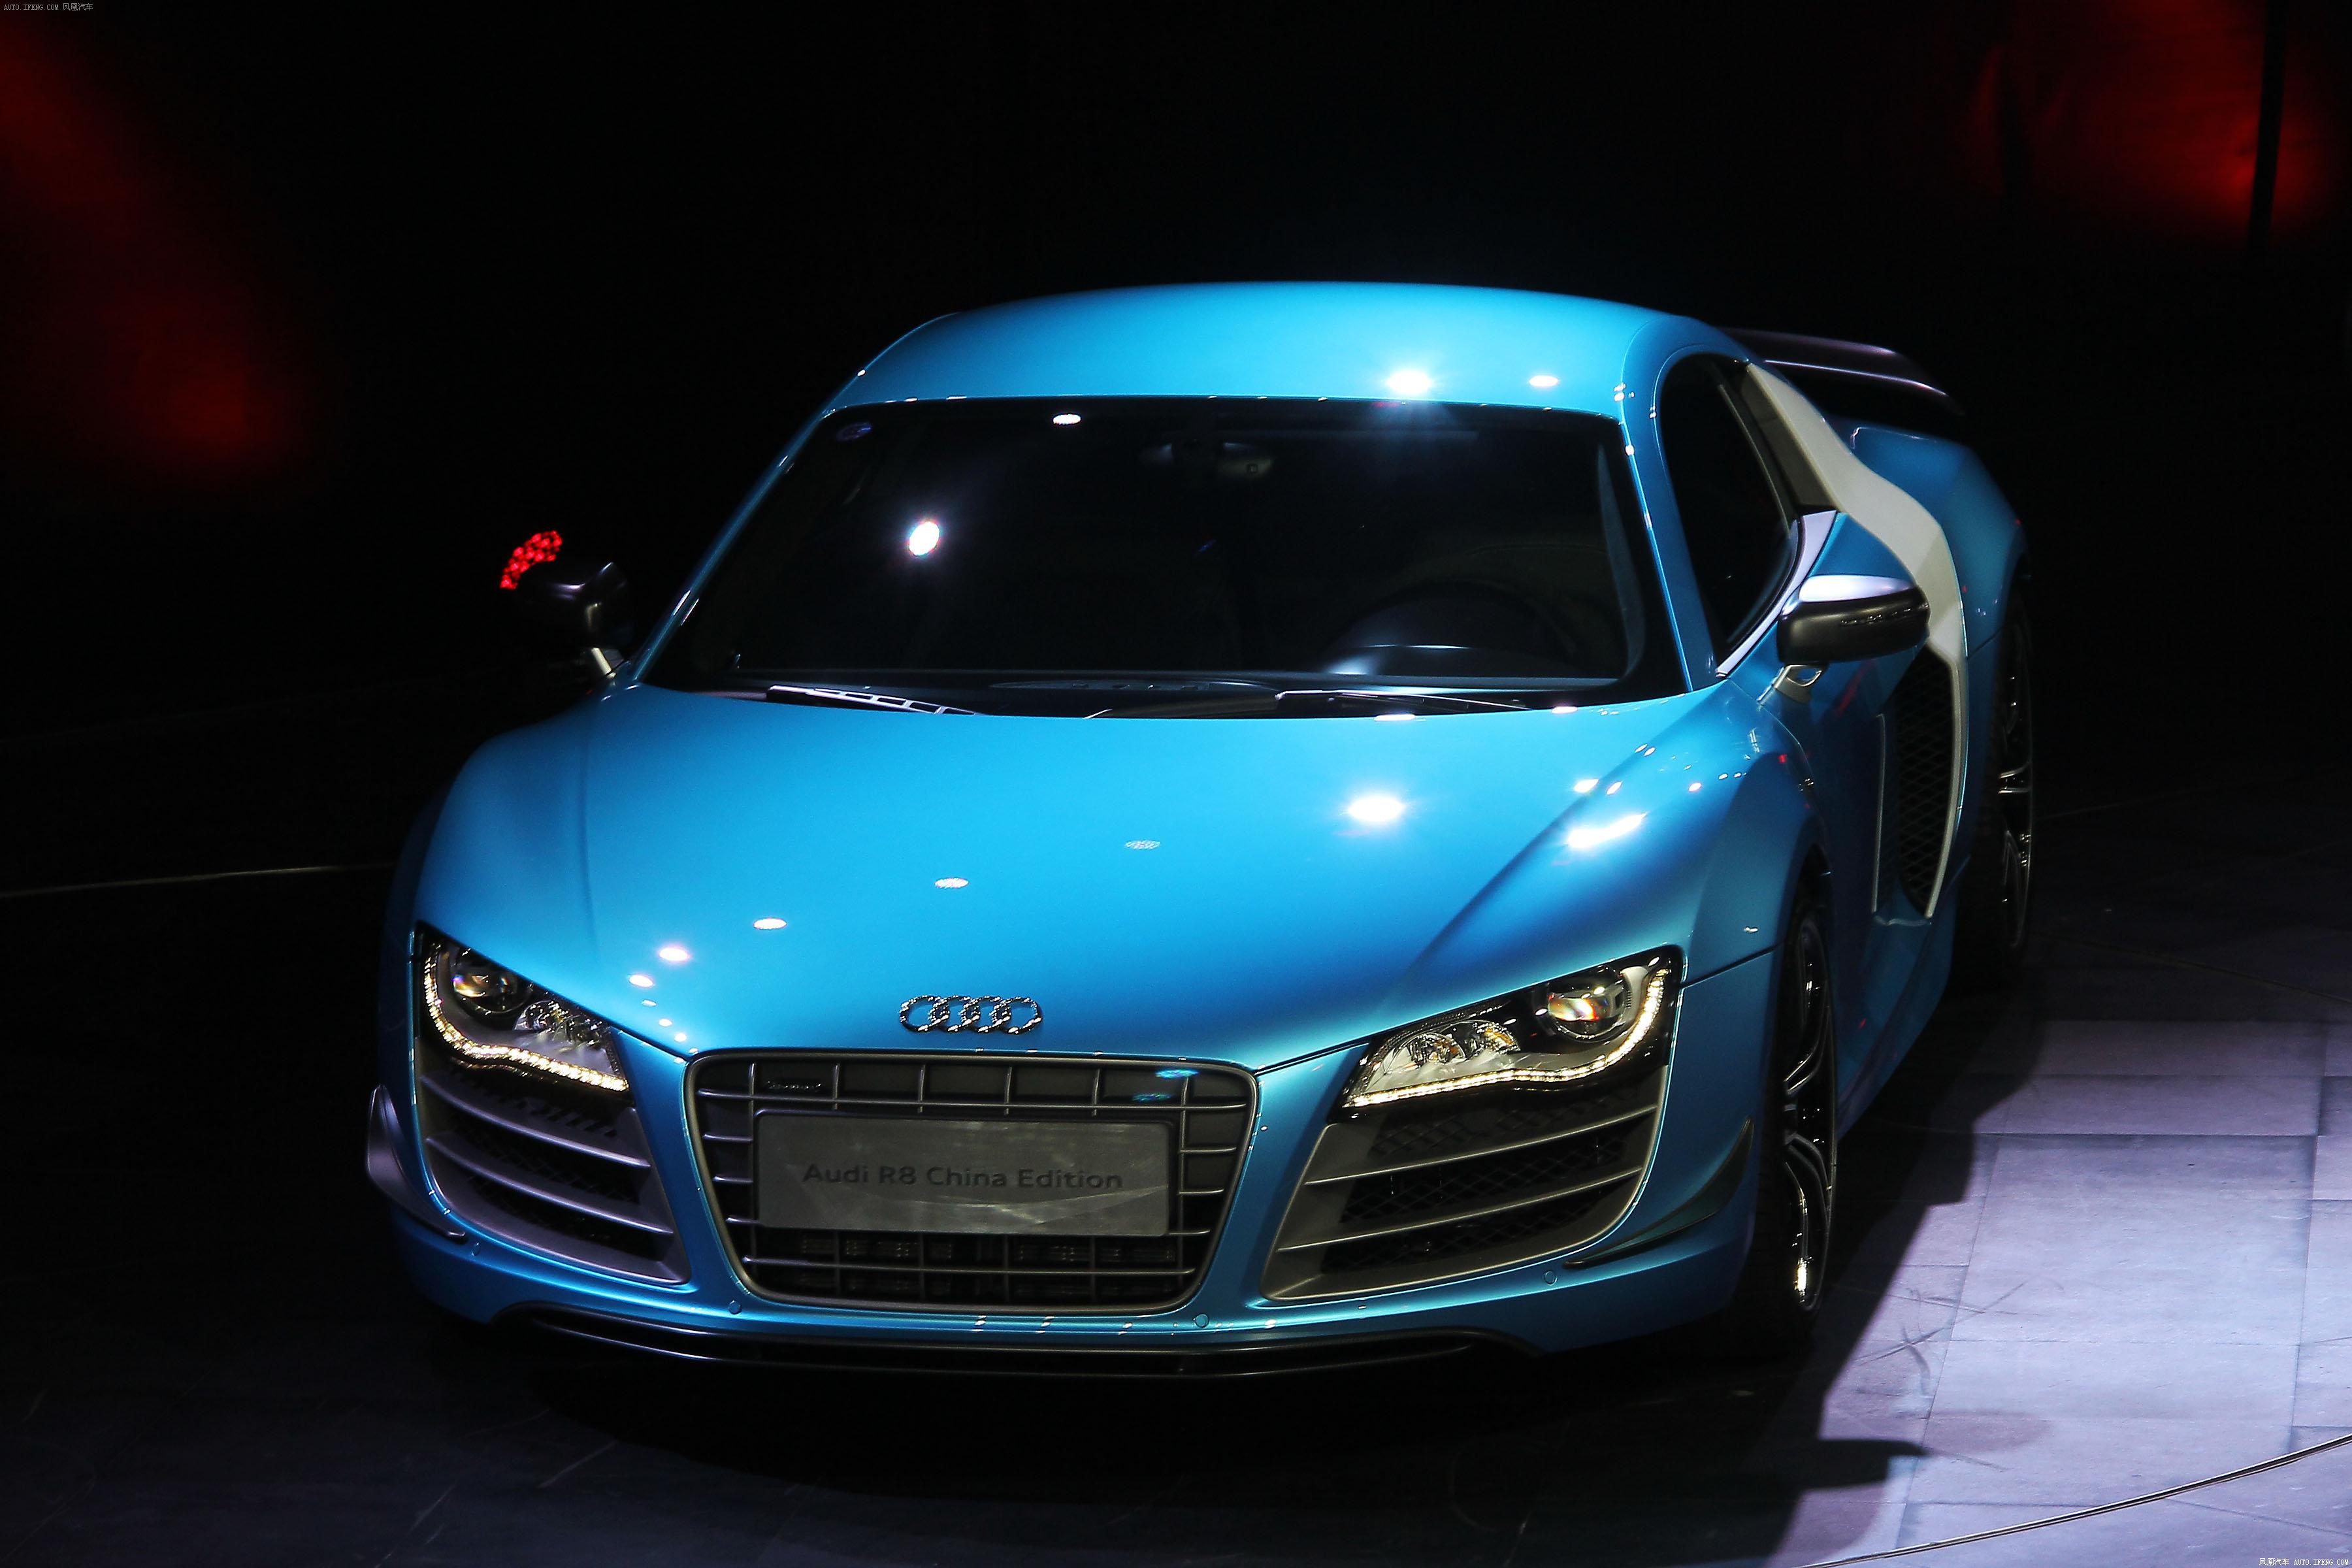 奥迪r8中国专享型上市 售价为262.8万元 高清图片